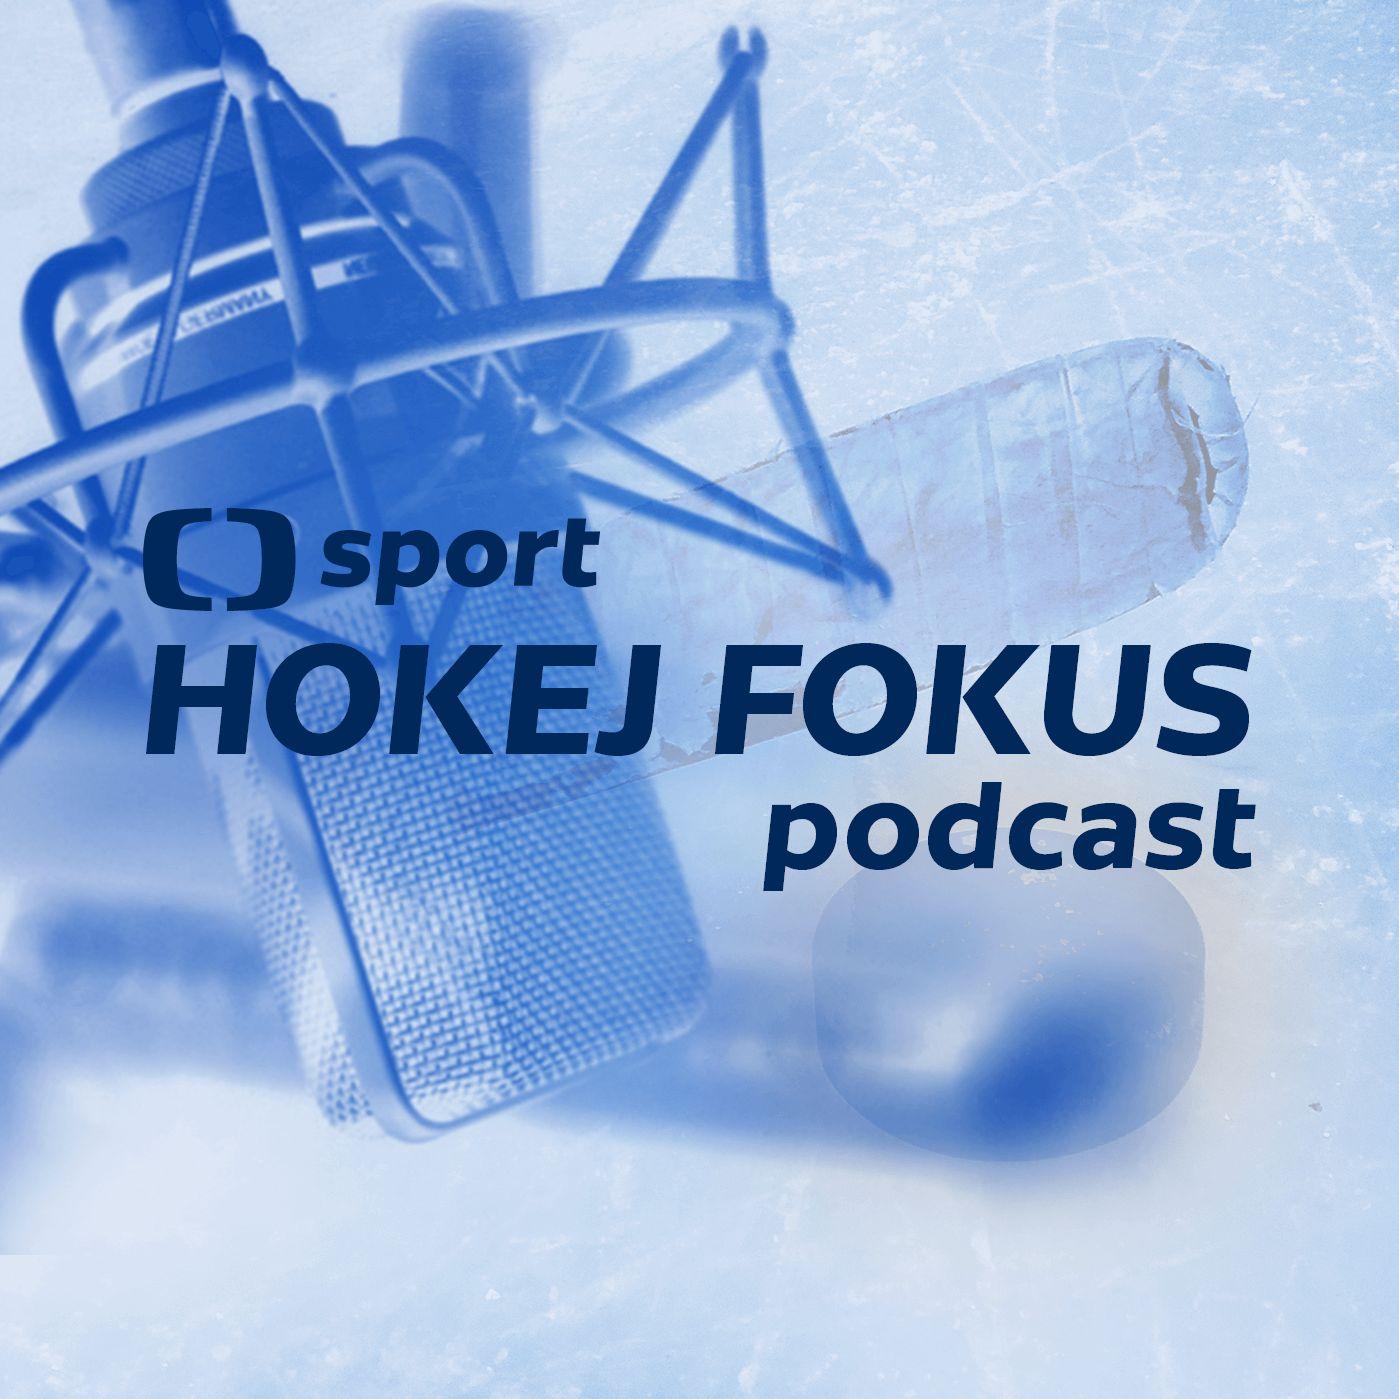 Hokej fokus podcast: Jaké jsou šance Čechů na medaili z olympiády?